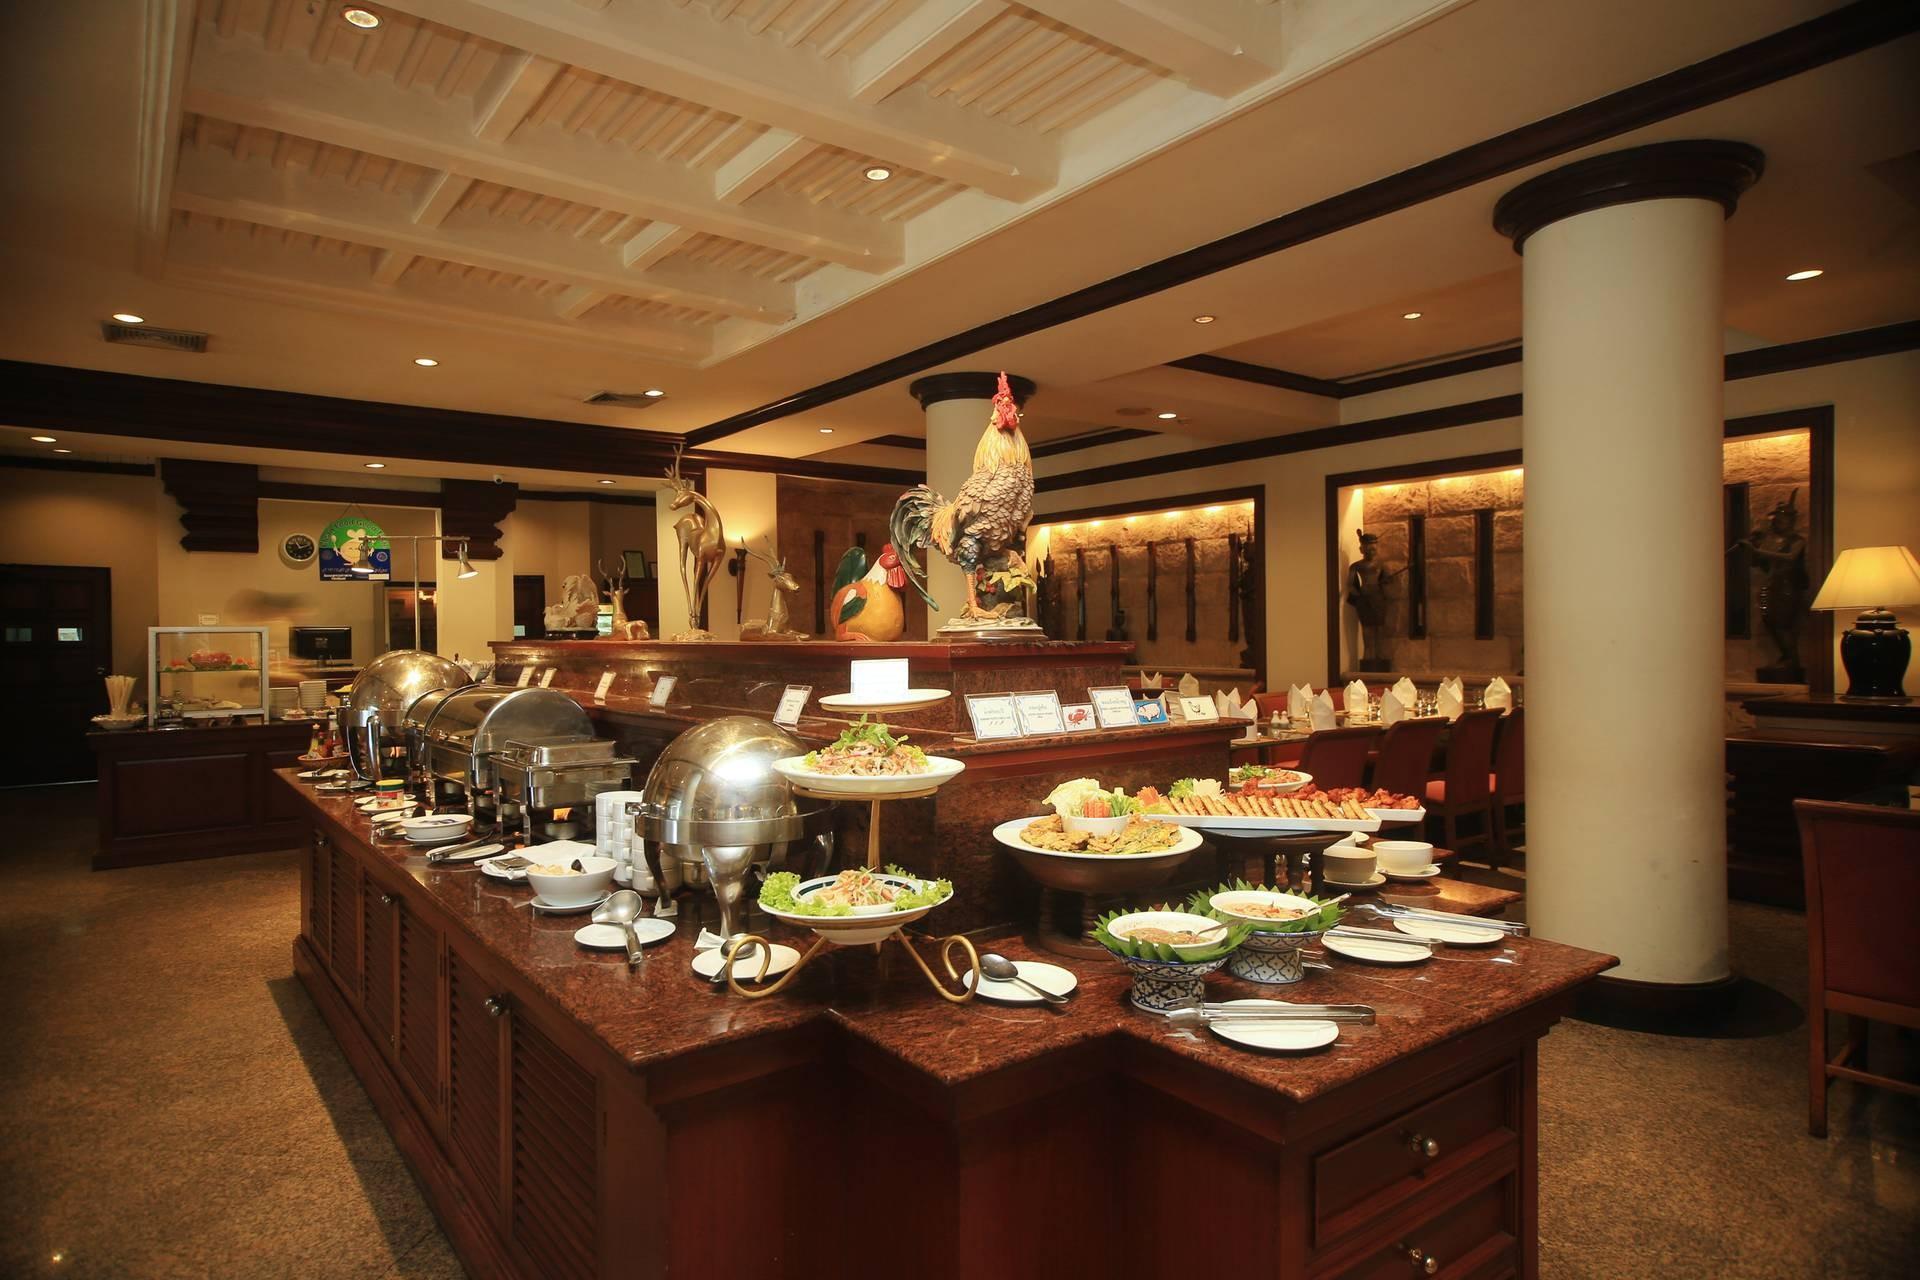 Wiang Inn Restaurants(ห้องอาหารเวียงอินทร์)